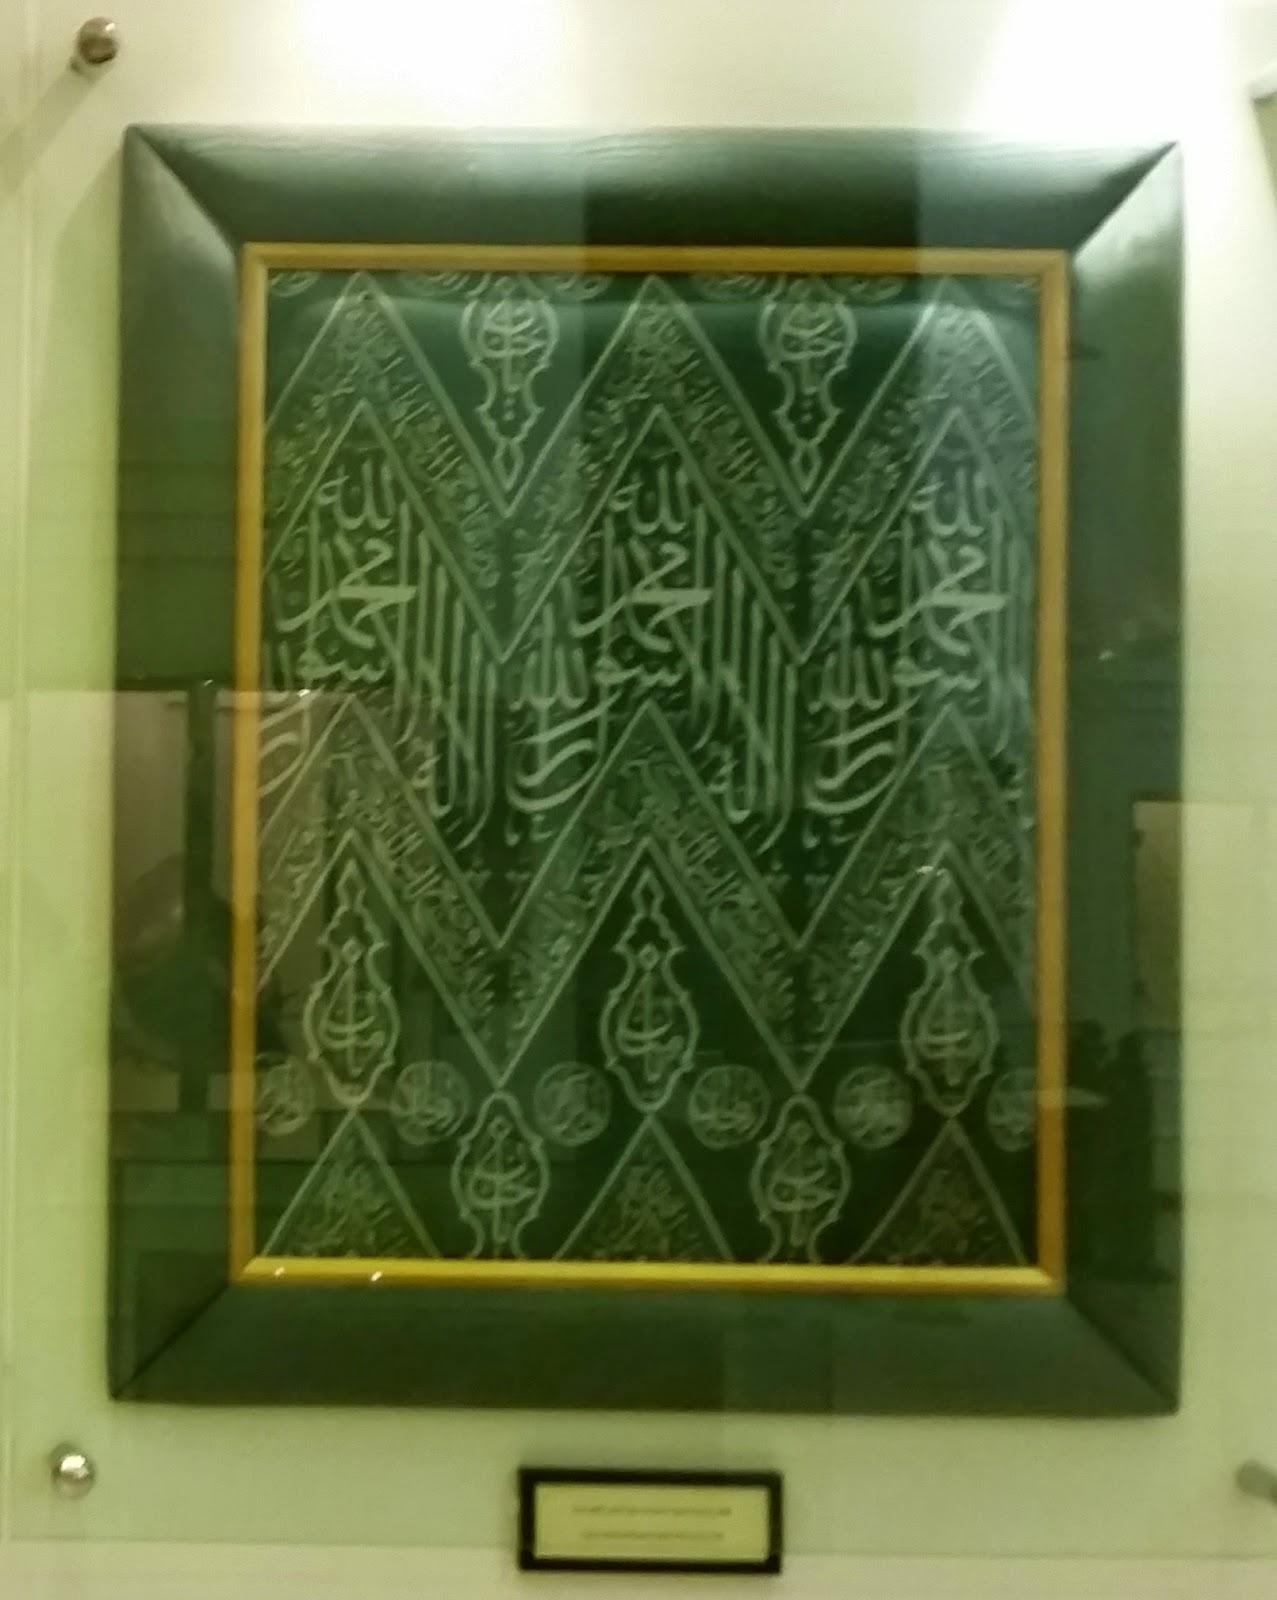 ����� ���� ������ �������.. ���� صورة لنقوش الرير الأخضر الخاص بكسوة جوف الكعبة المشرفة.jpg